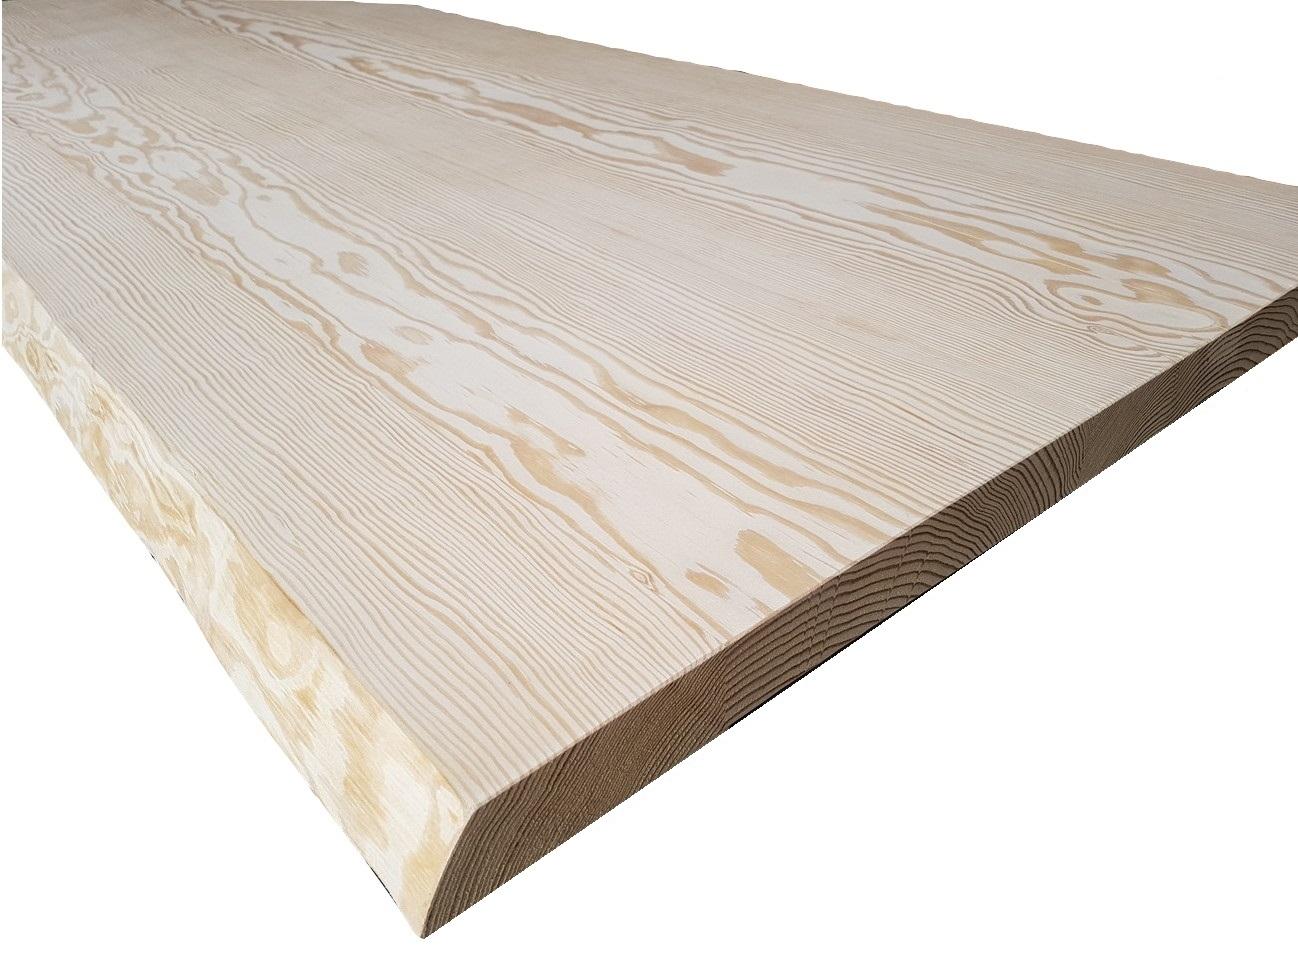 Piano tavolo in legno di yellow pine piano tavolo in - Piano tavolo legno ...